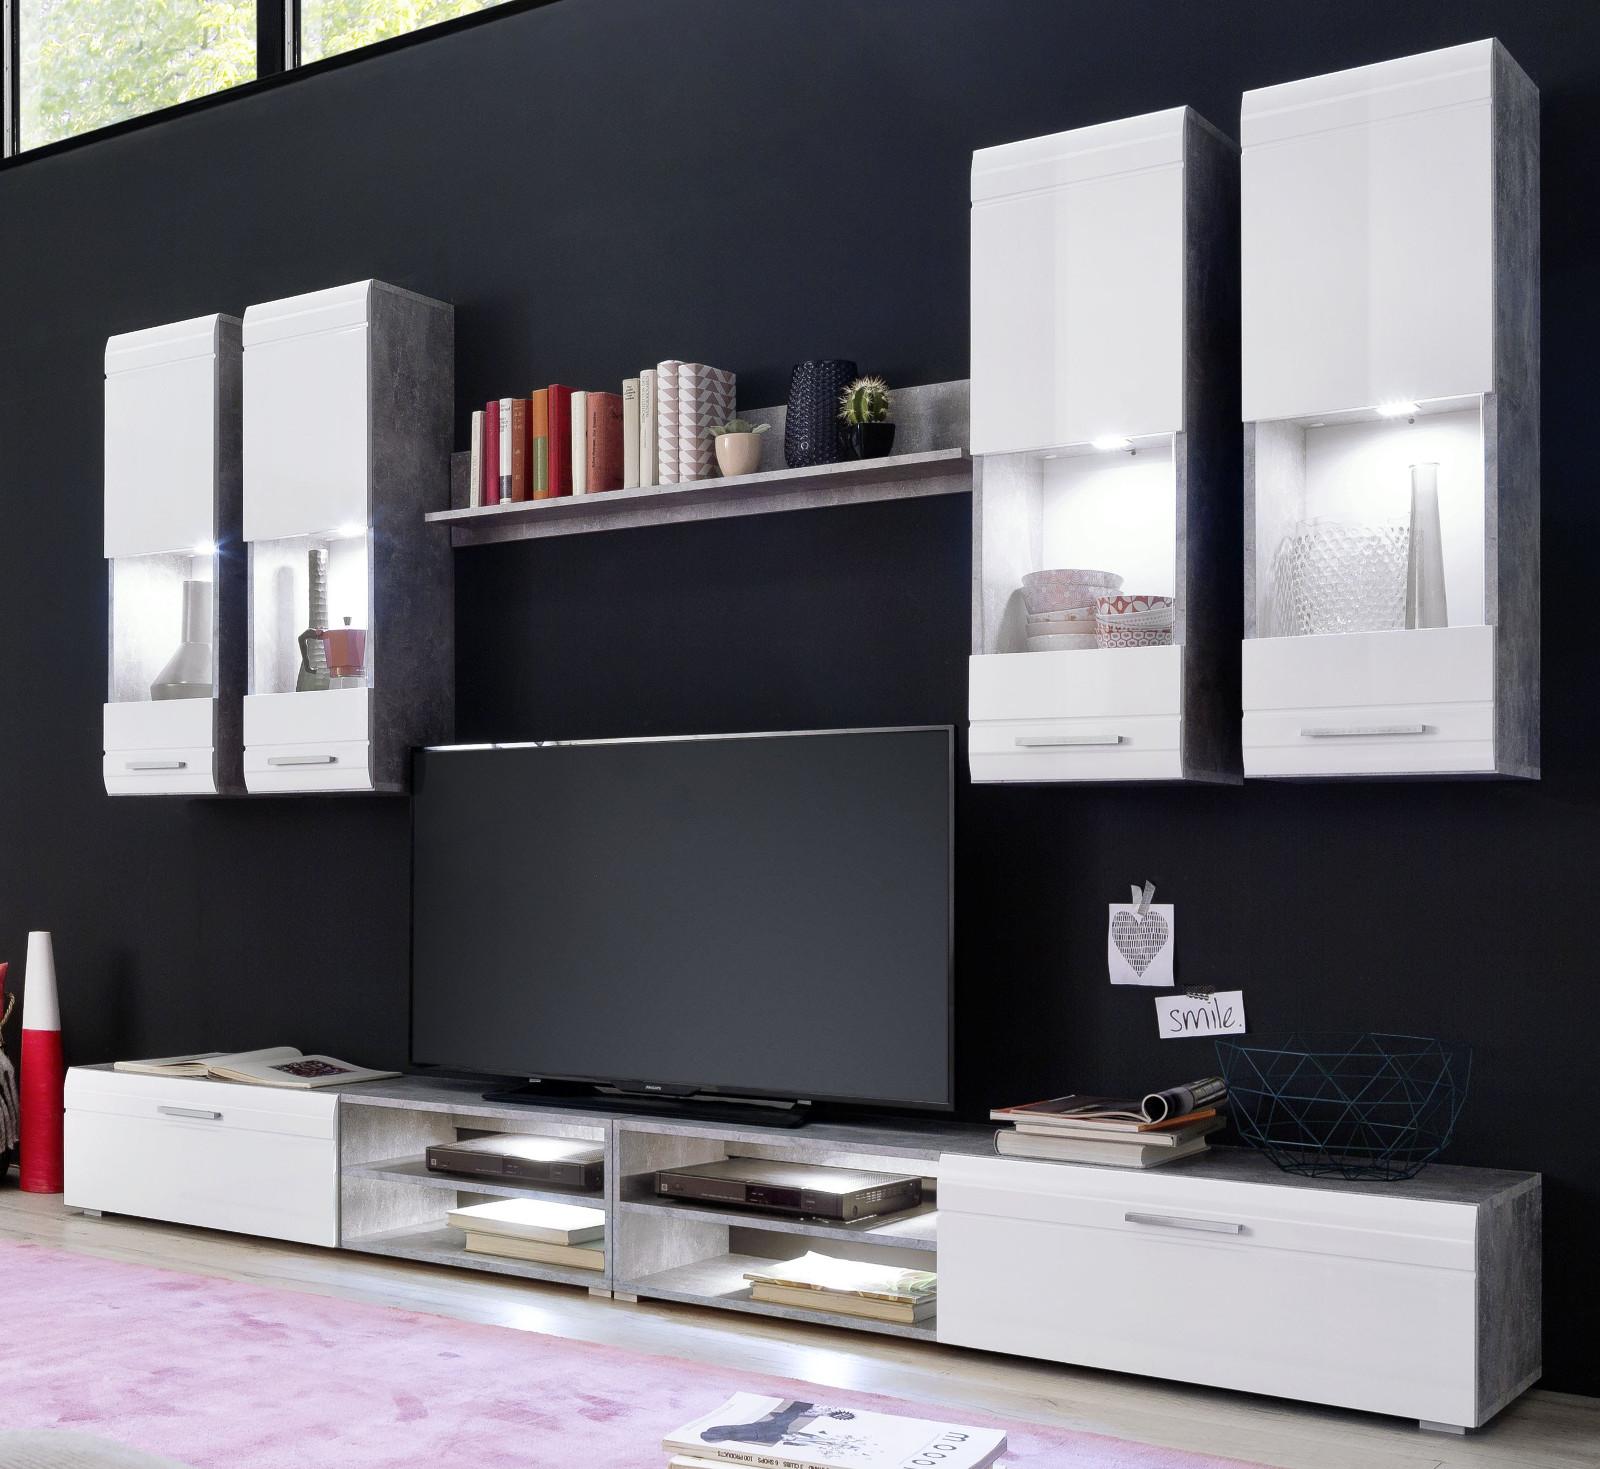 Wohnwand Spider Hochglanz Weiß Und Industrie Beton Stone Design Grau  Schrankwand 270 Cm Breit